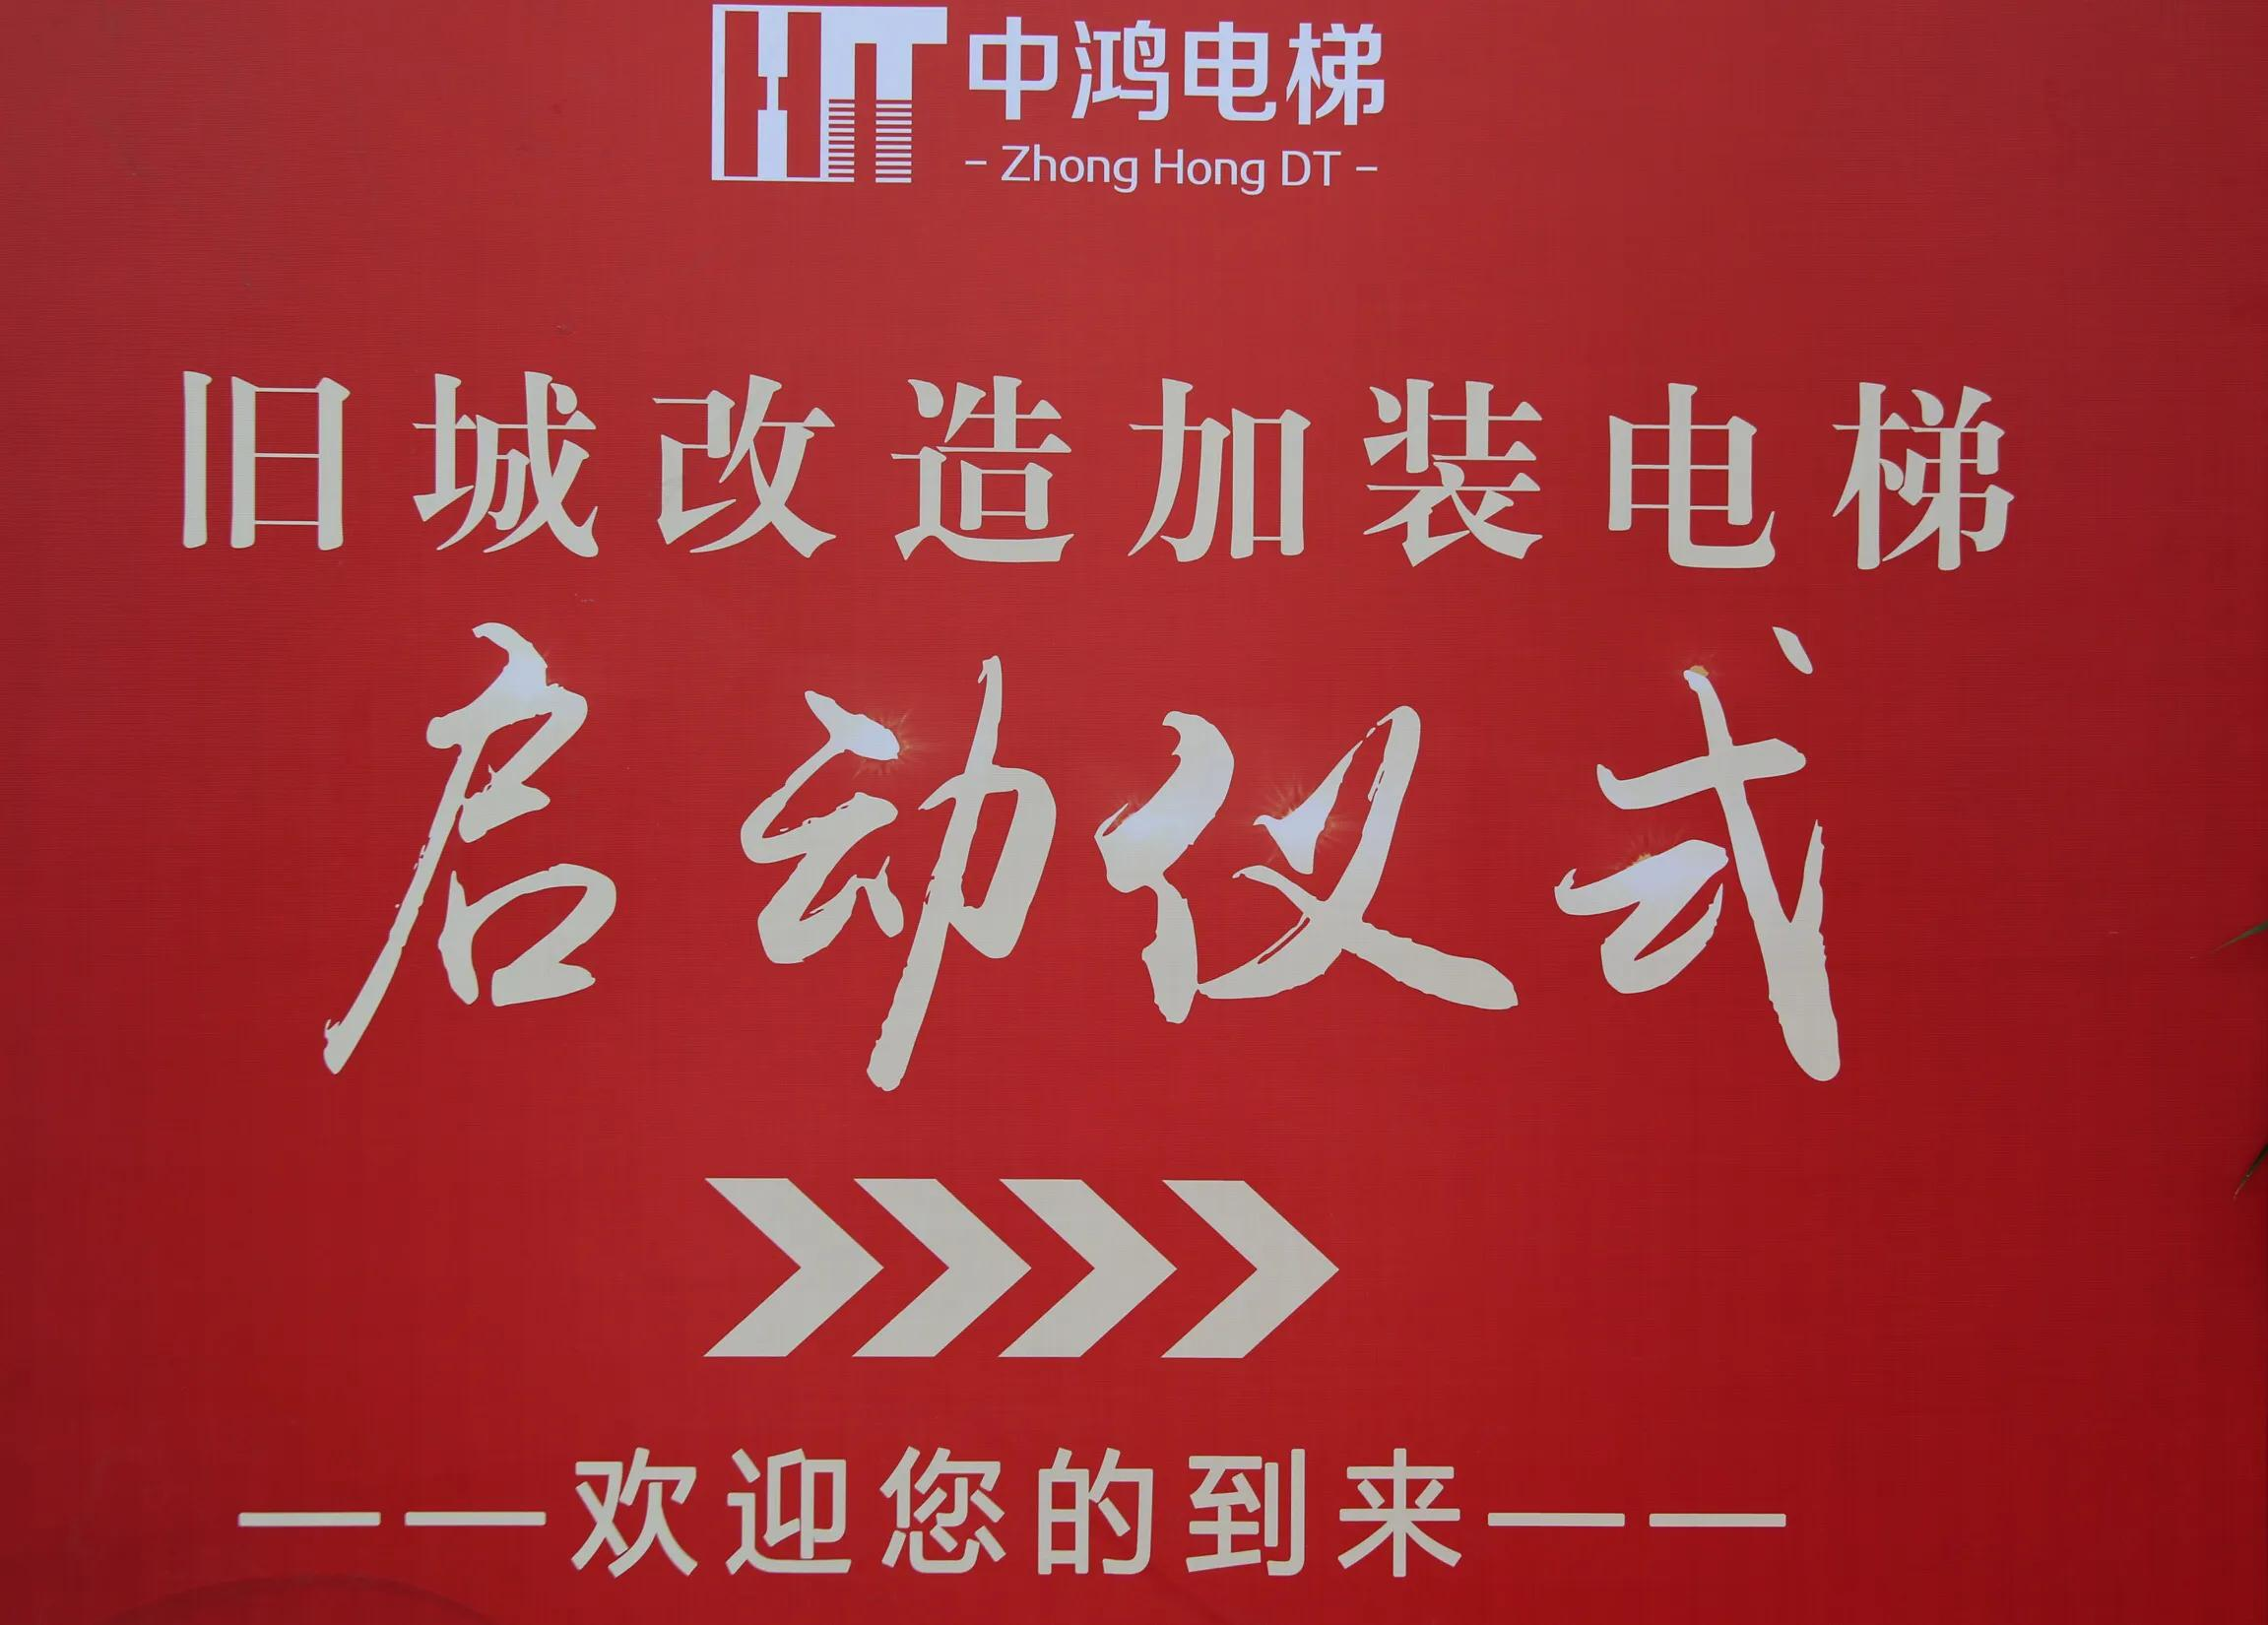 """长春一企业启动""""旧城改造加装电梯""""项目"""